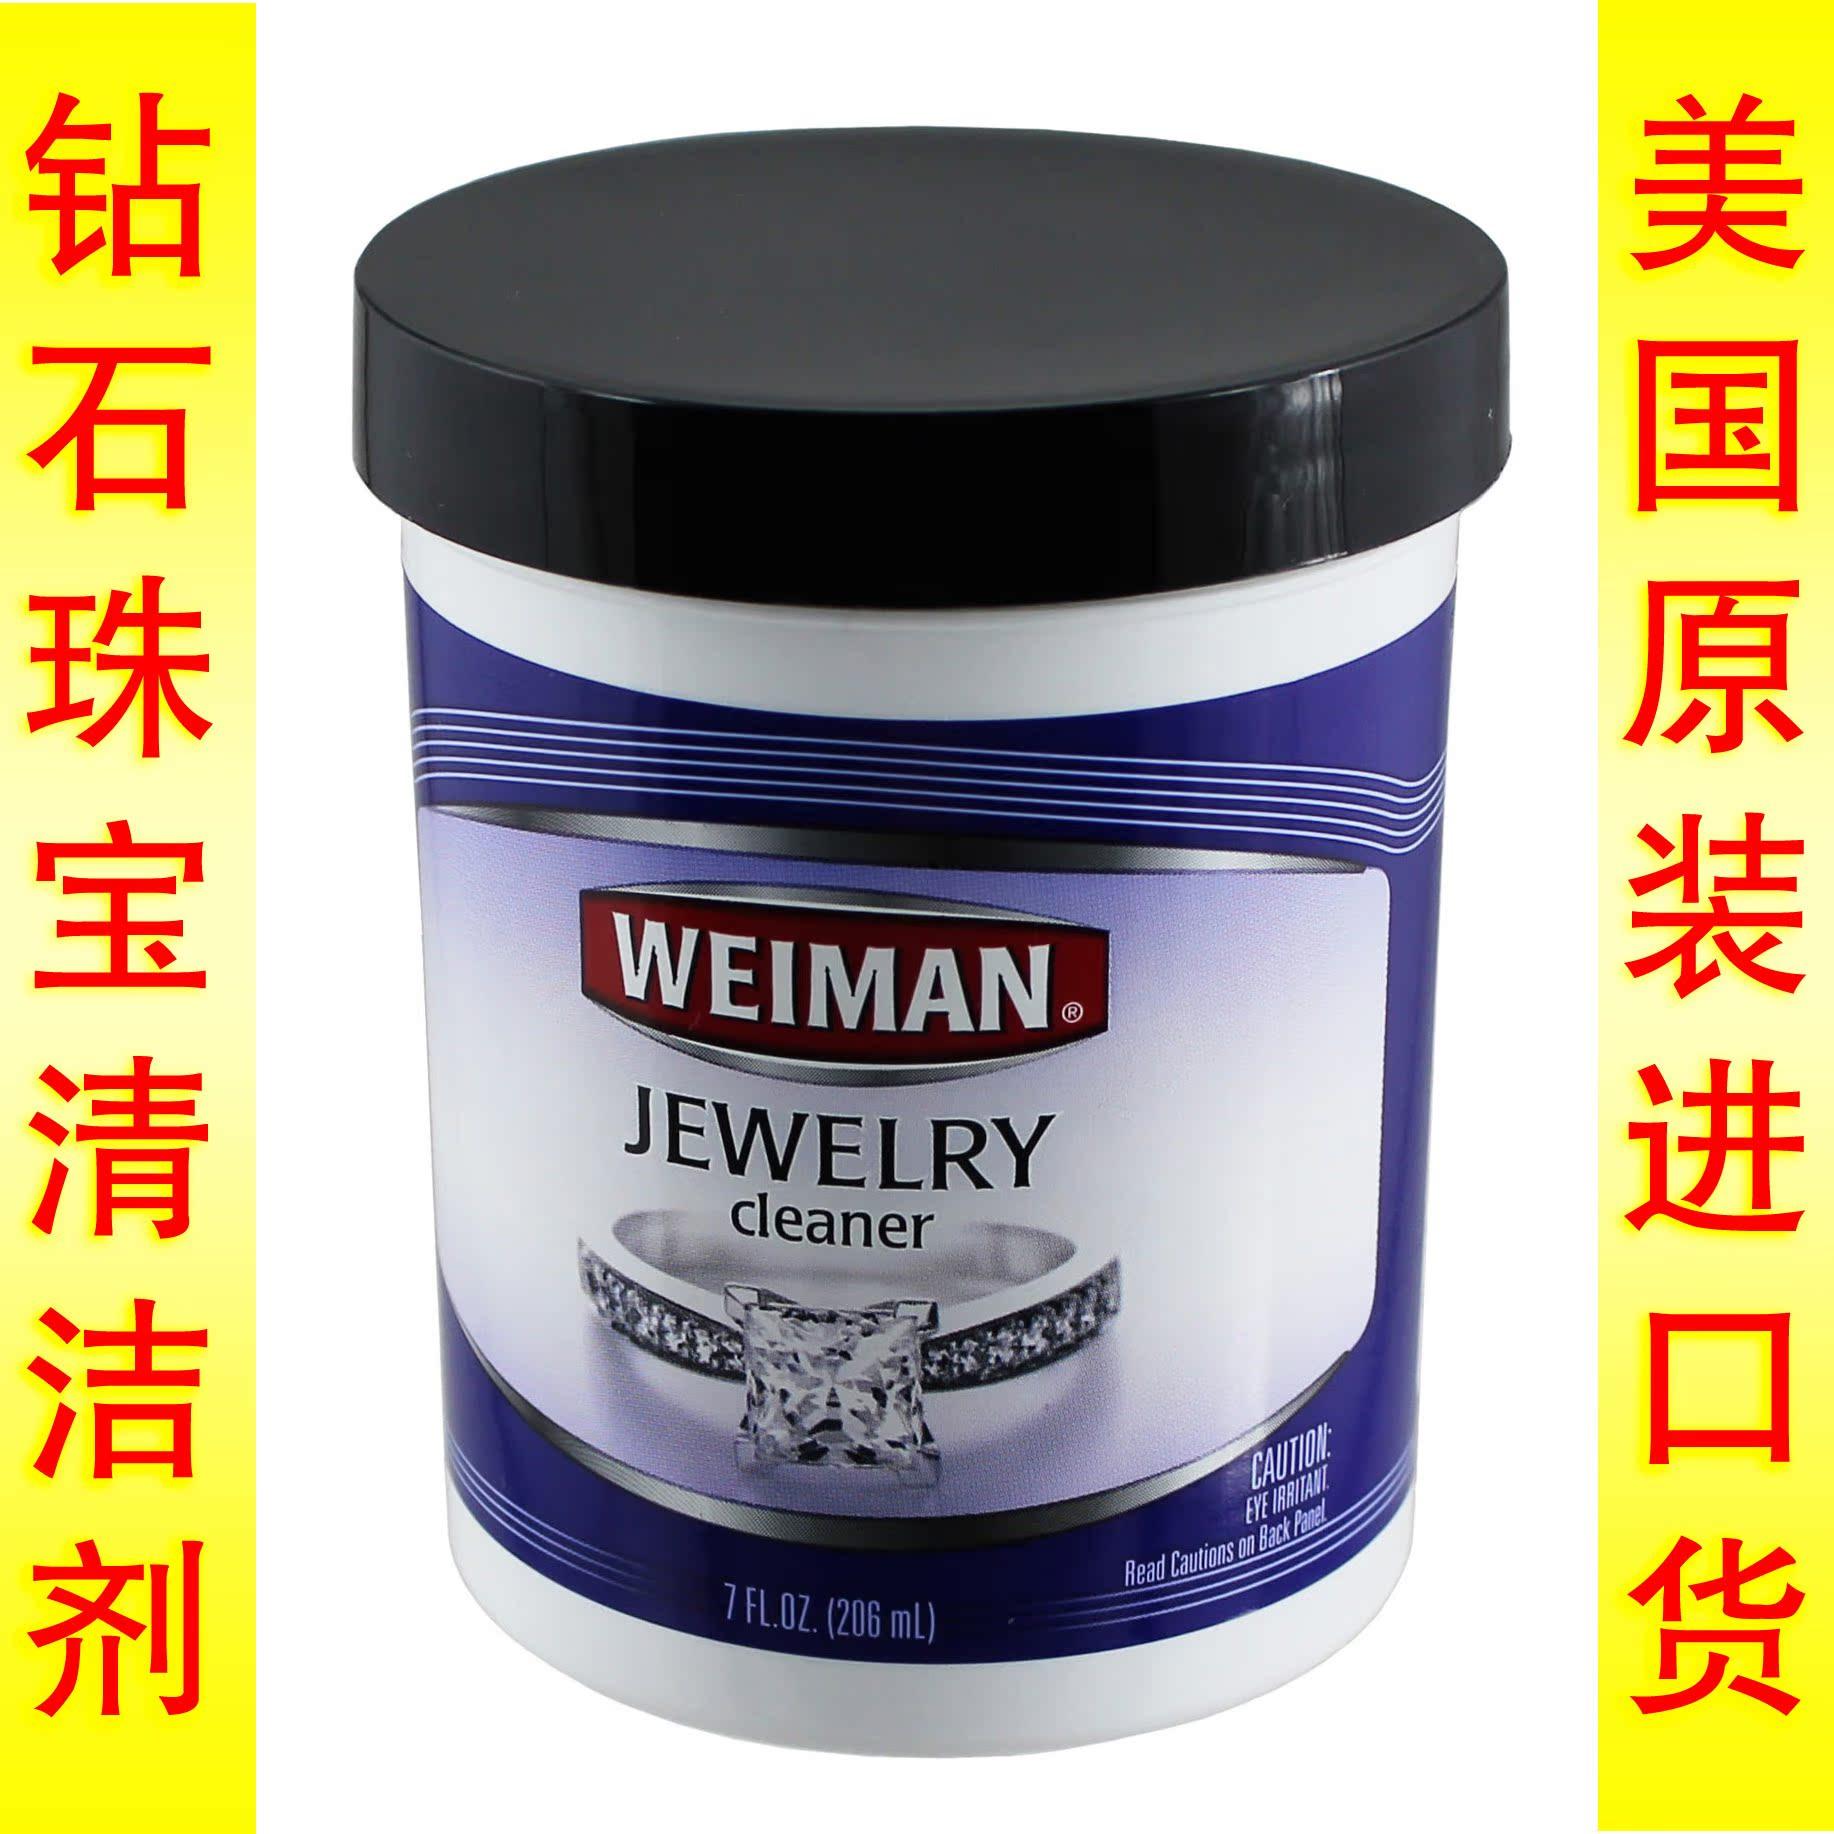 进口纬曼钻石珠宝清洁剂黄金白银珍珠铂金钻戒玉石清洗液首饰清洗